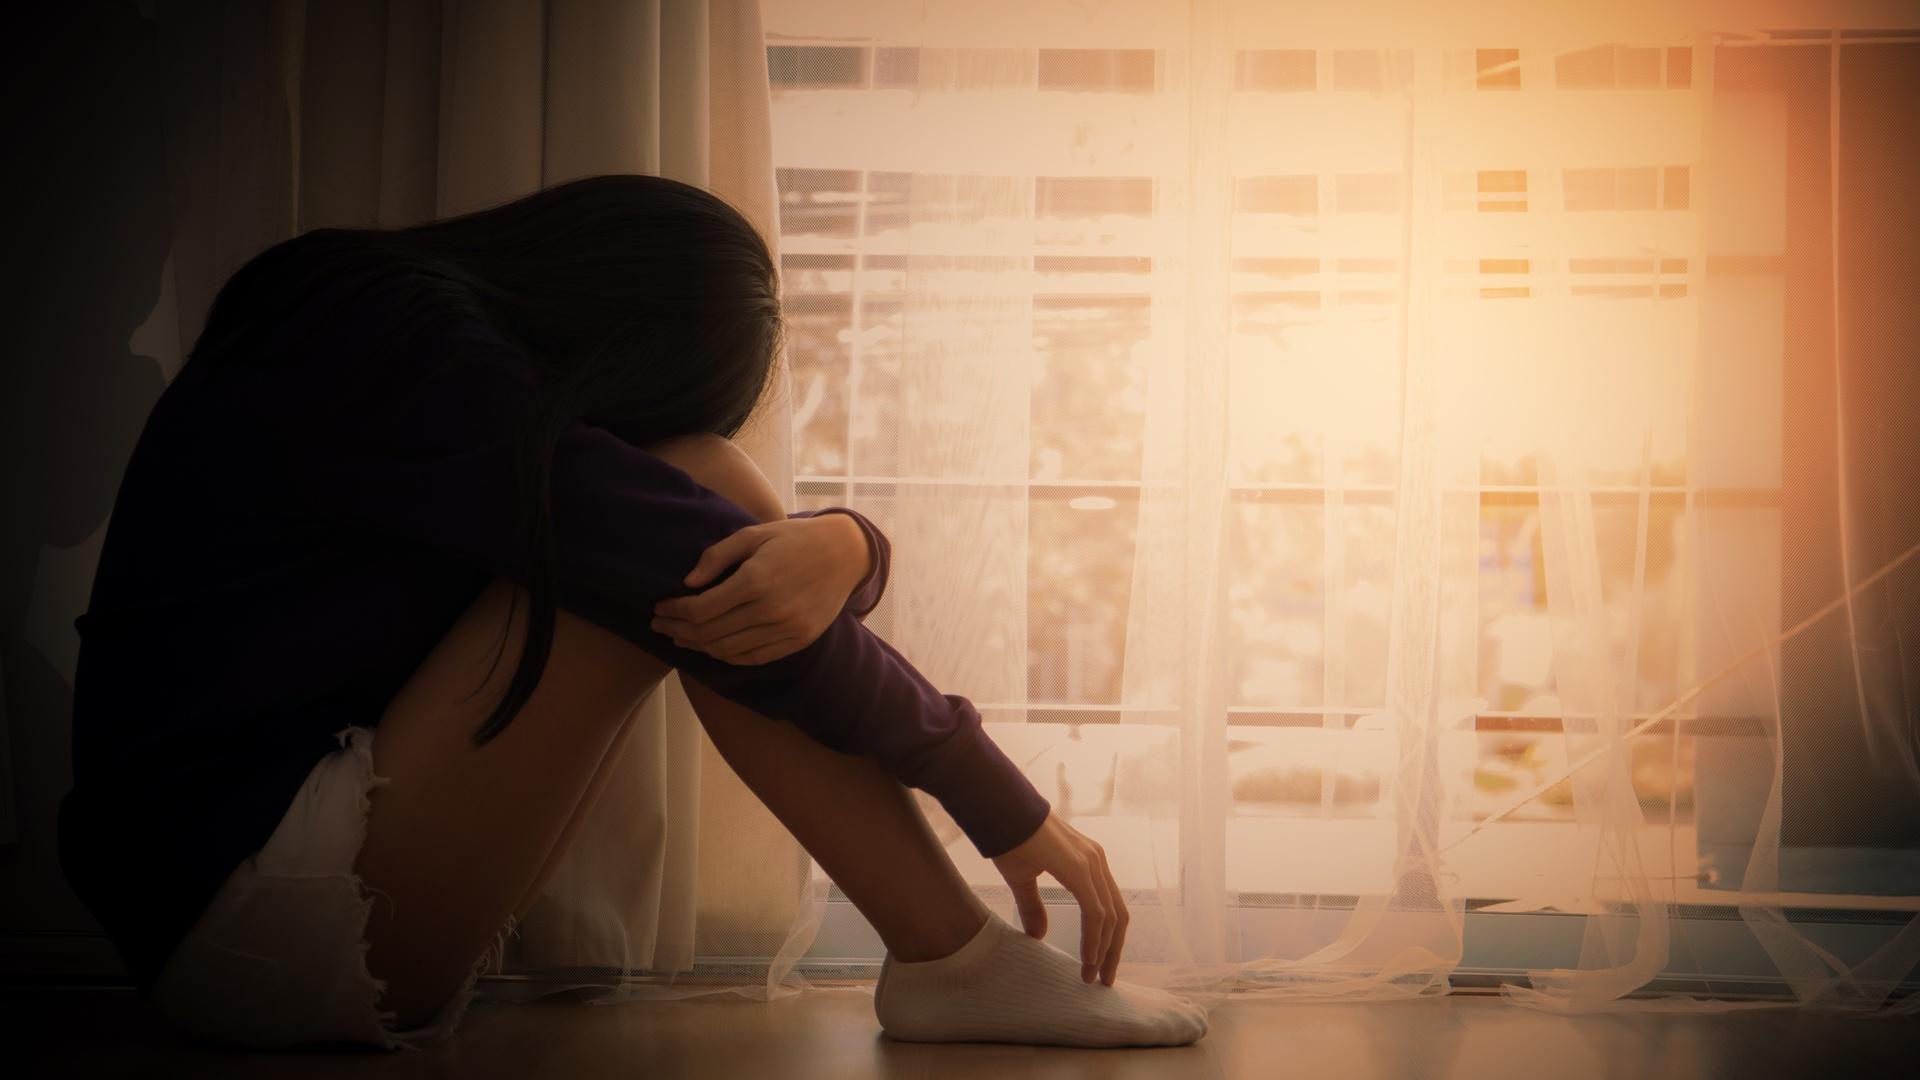 Los tribunales reconoce invalidez absoluta por Trastorno Depresivo